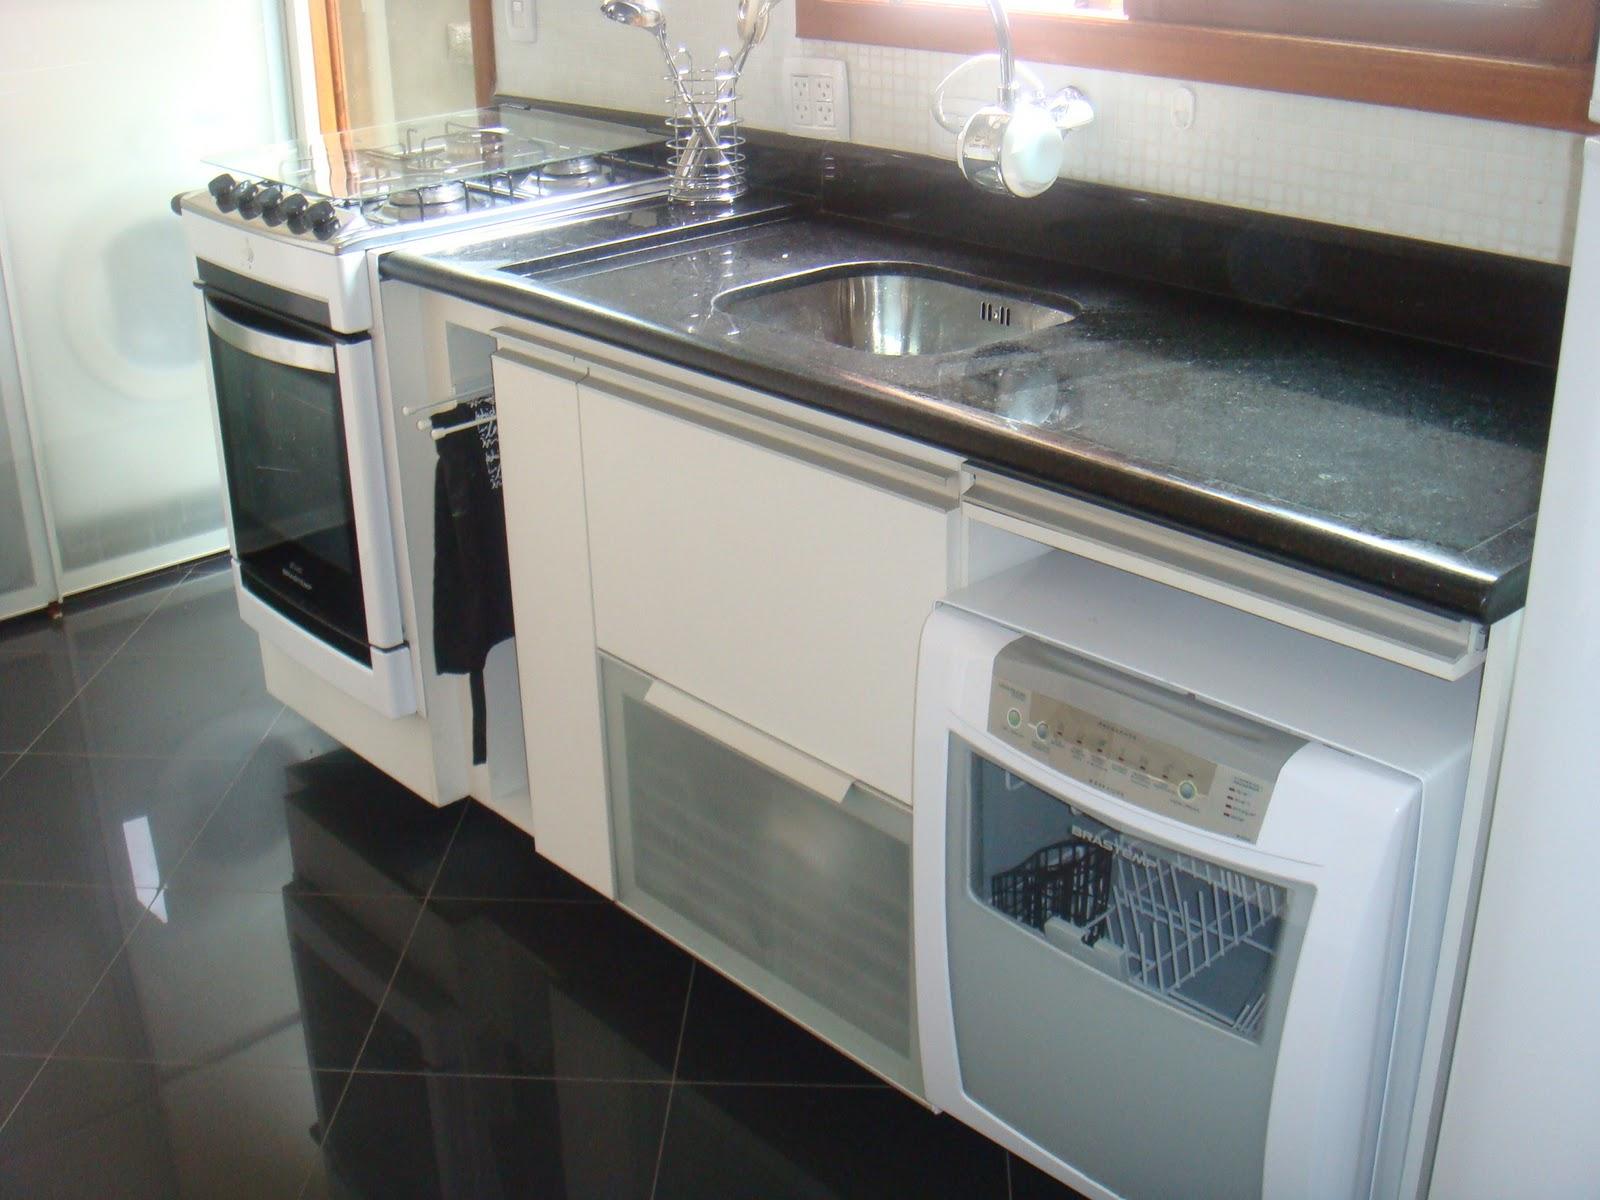 Carolina Casciano Design de Interiores: Cozinha compacta #7B5F50 1600 1200